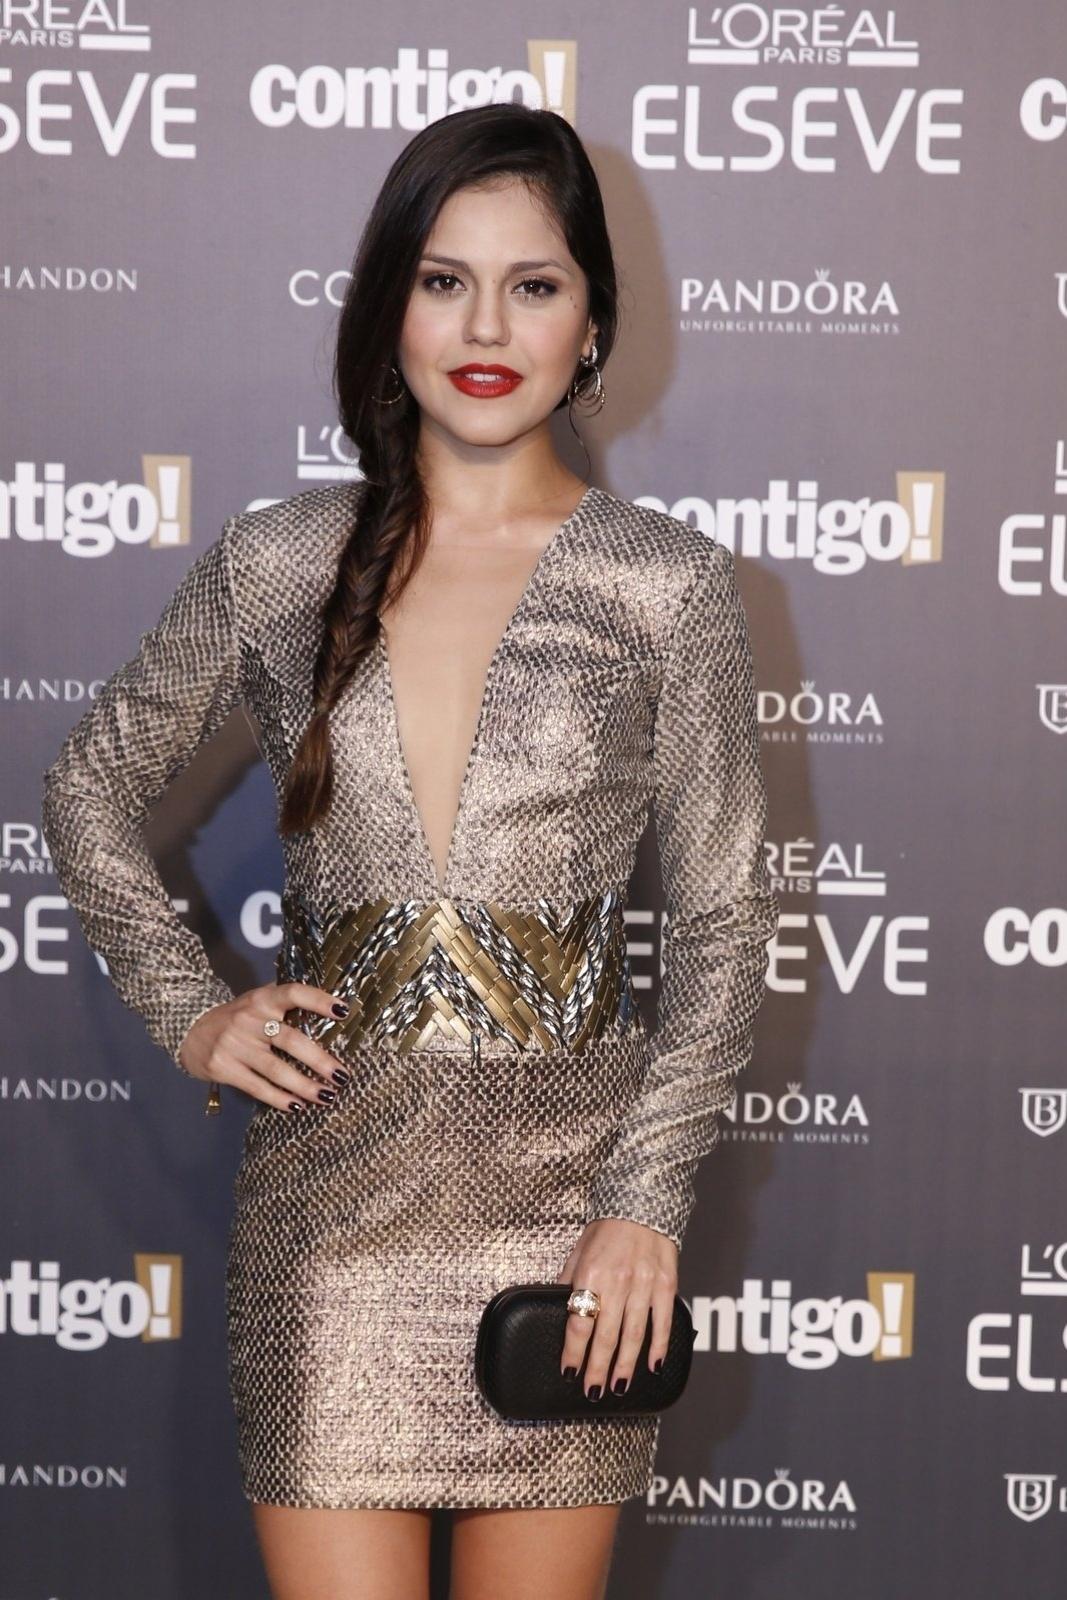 28.jul.2014 - A atriz Jéssika Alves prestigou a 16ª edição do Prêmio Contigo! de TV, realizado no hotel Copacabana Palace, no Rio